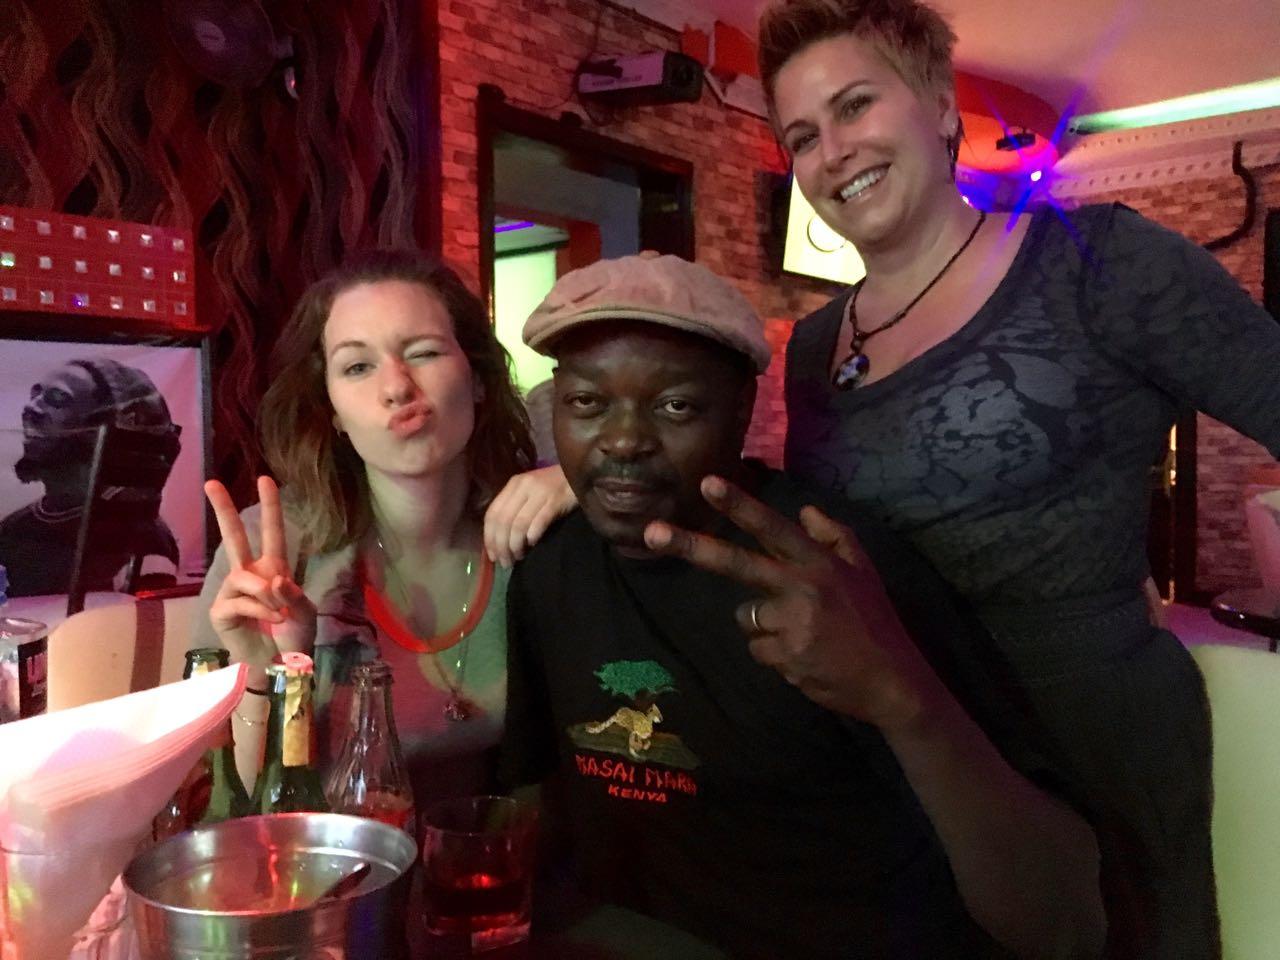 Saturday night shenanigans with Zak & Vickie